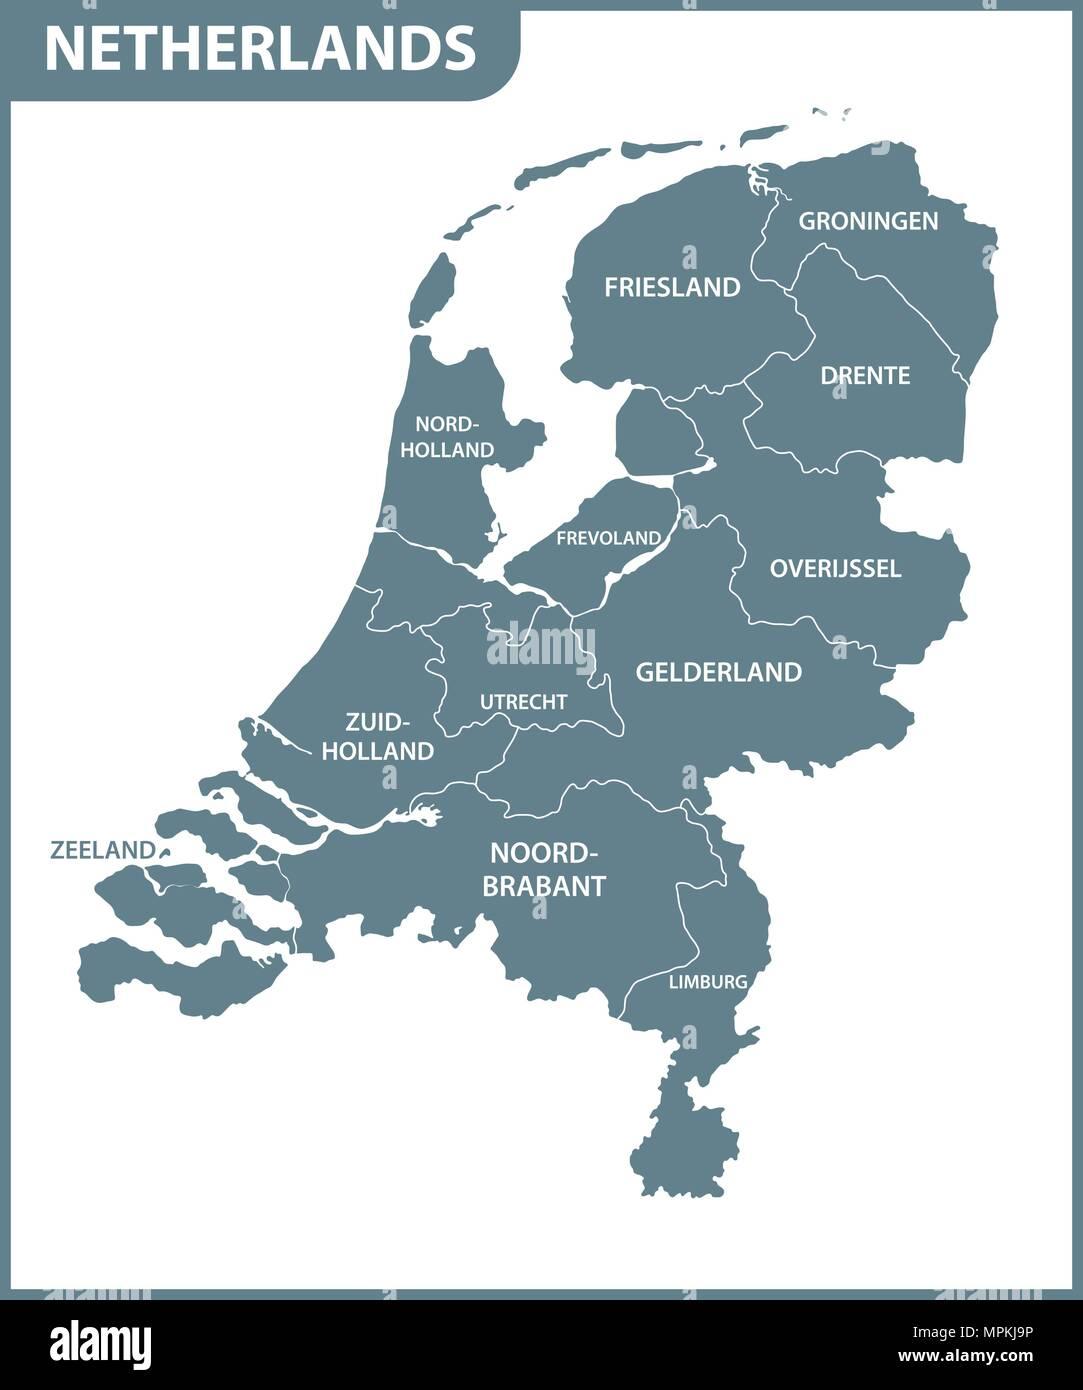 Die Detaillierte Karte Der Niederlande Mit Regionen